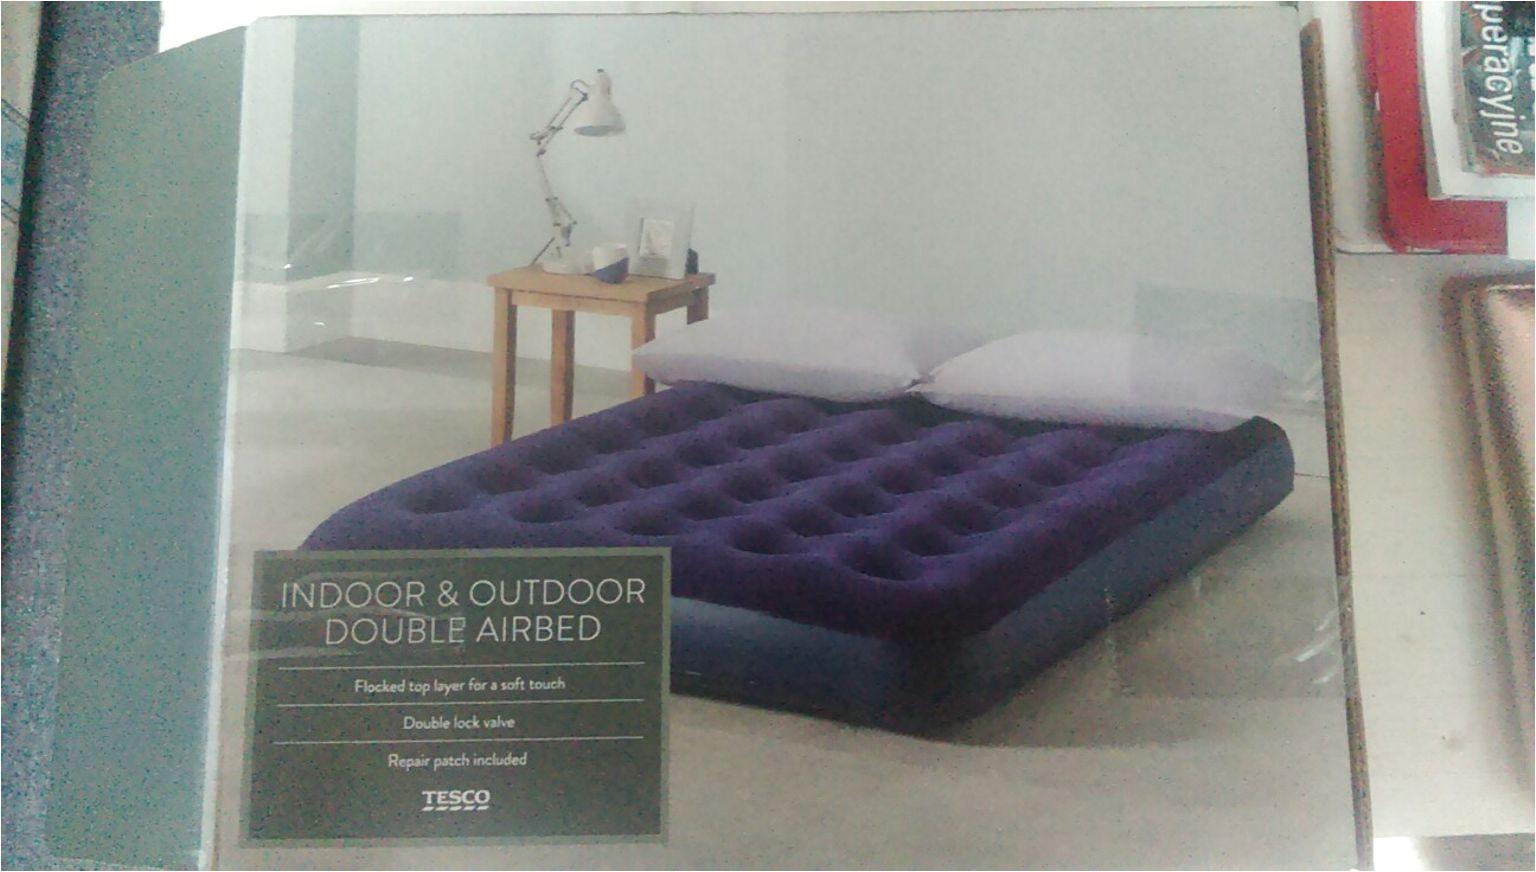 indoor outdoor double airbed jpg